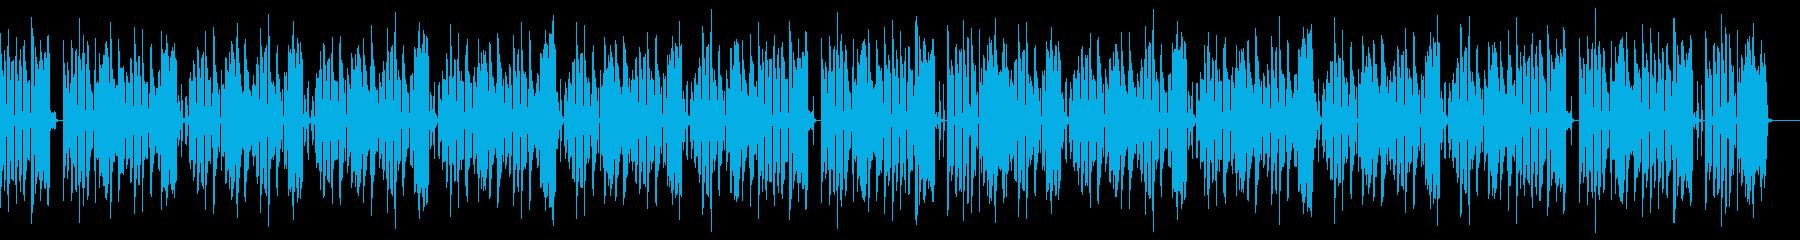 エレキギター・キャンプ・楽しい・秋の再生済みの波形